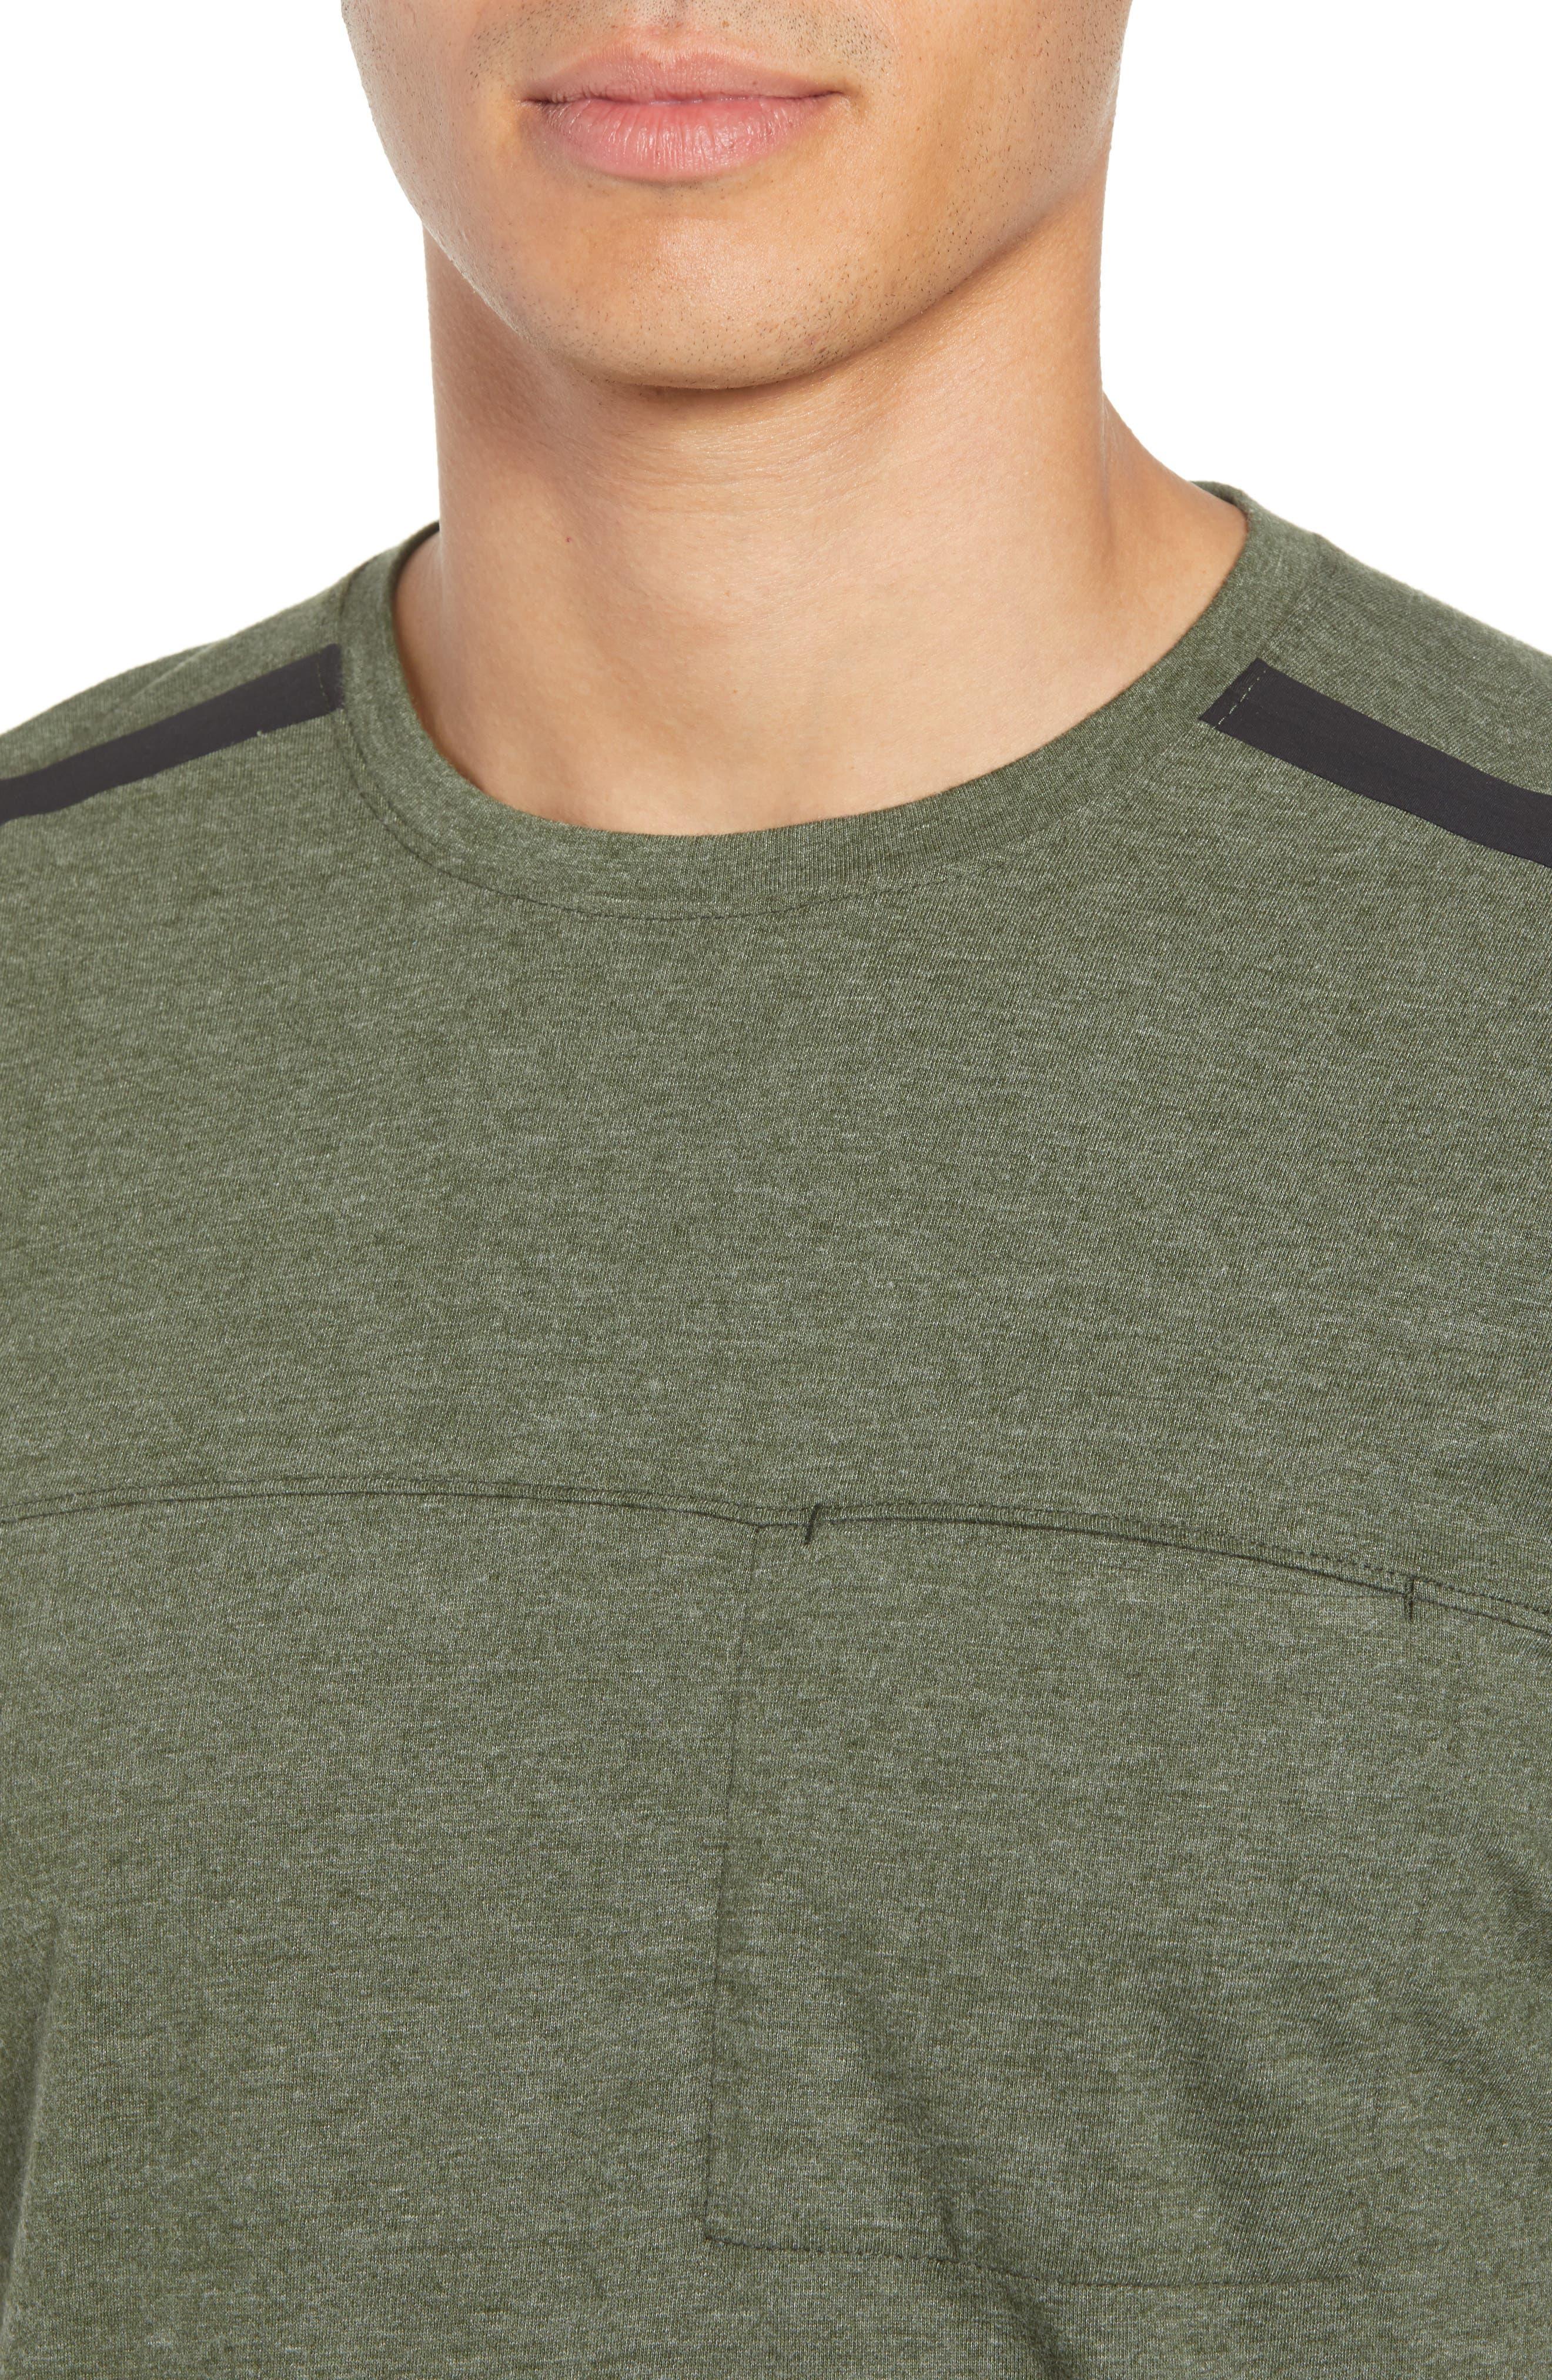 Perfomance T-Shirt,                             Alternate thumbnail 4, color,                             311